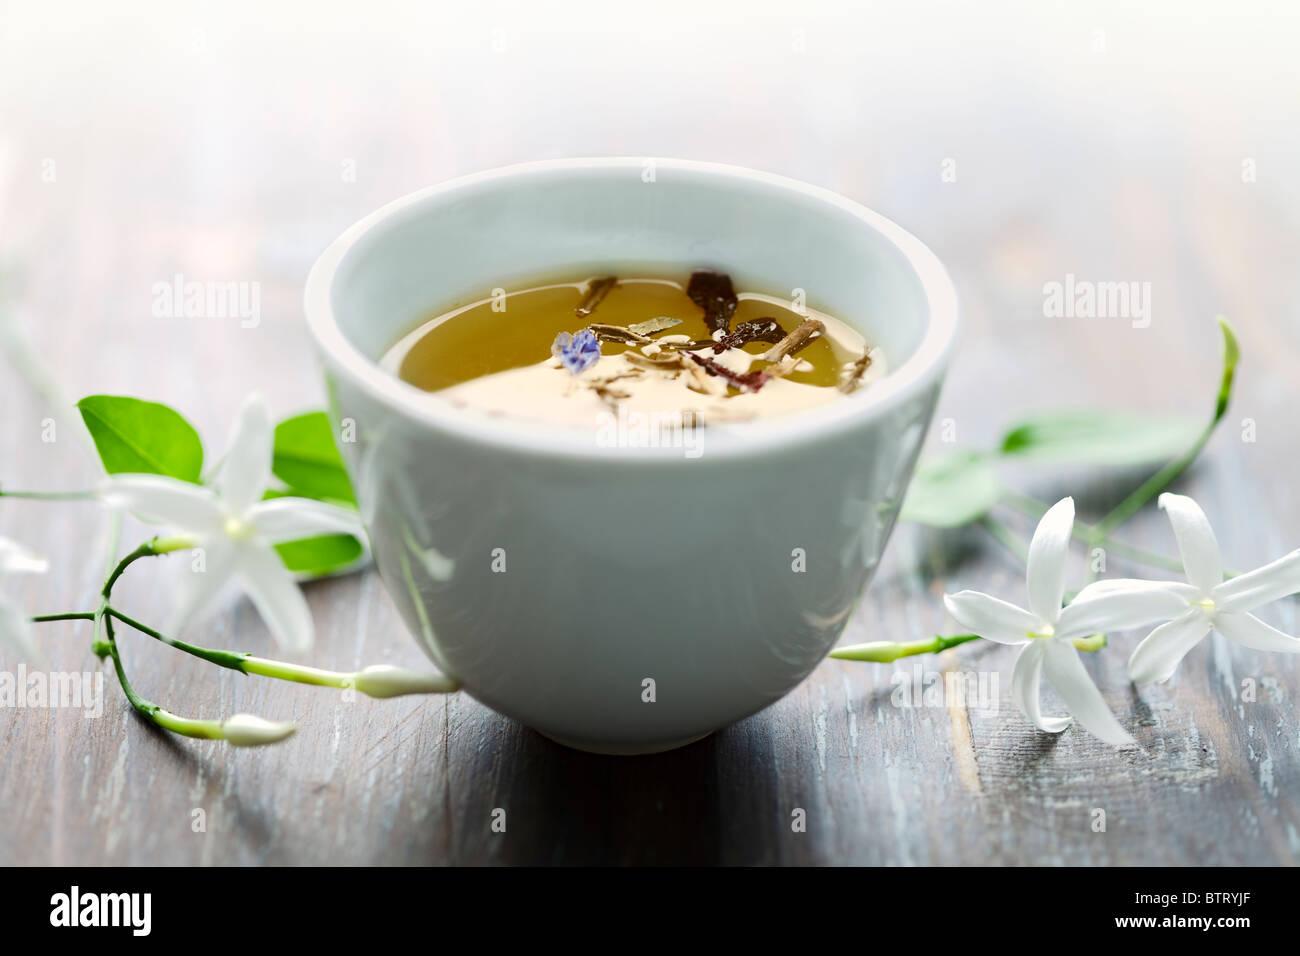 jasmin tea - Stock Image